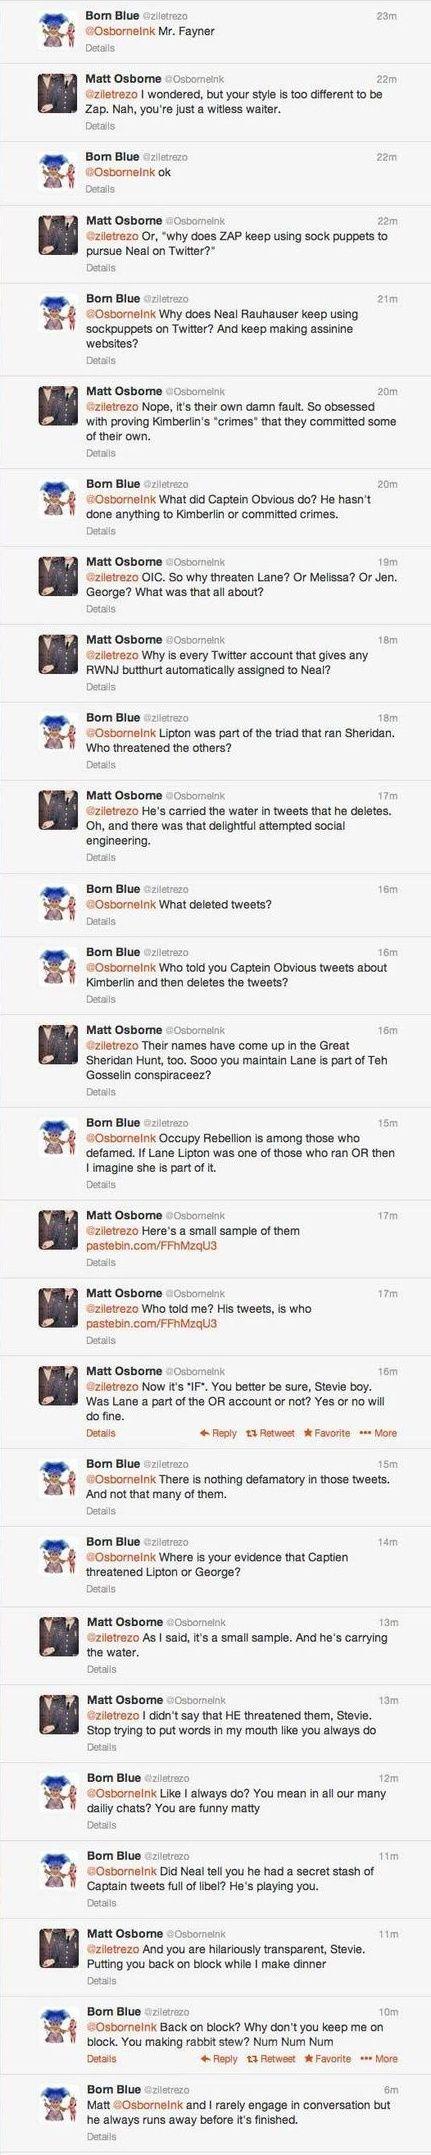 A Conversation with OsborneInk, Matt Osborne September 13th, 2013 Sf612